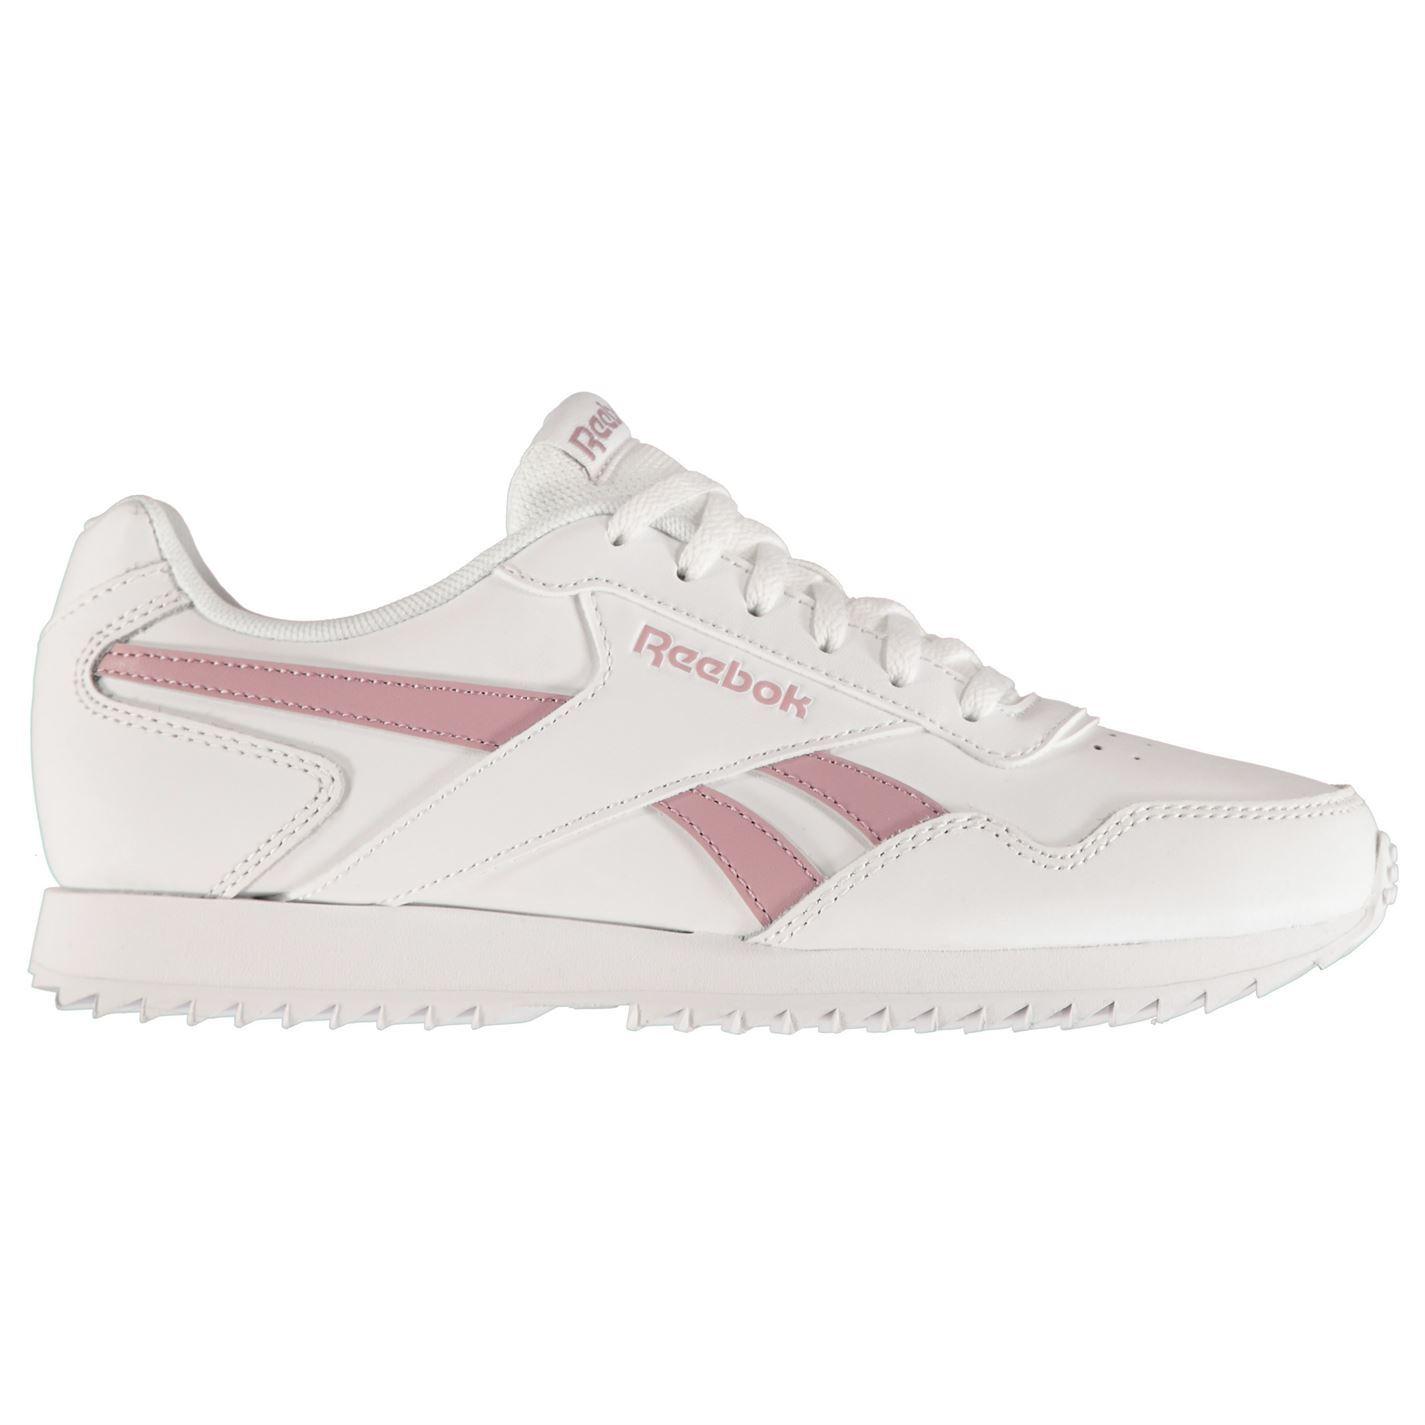 Detalles de Reebok Real Planear Onda Broche Zapatillas Zapatos Mujer Blanco Lila Informal